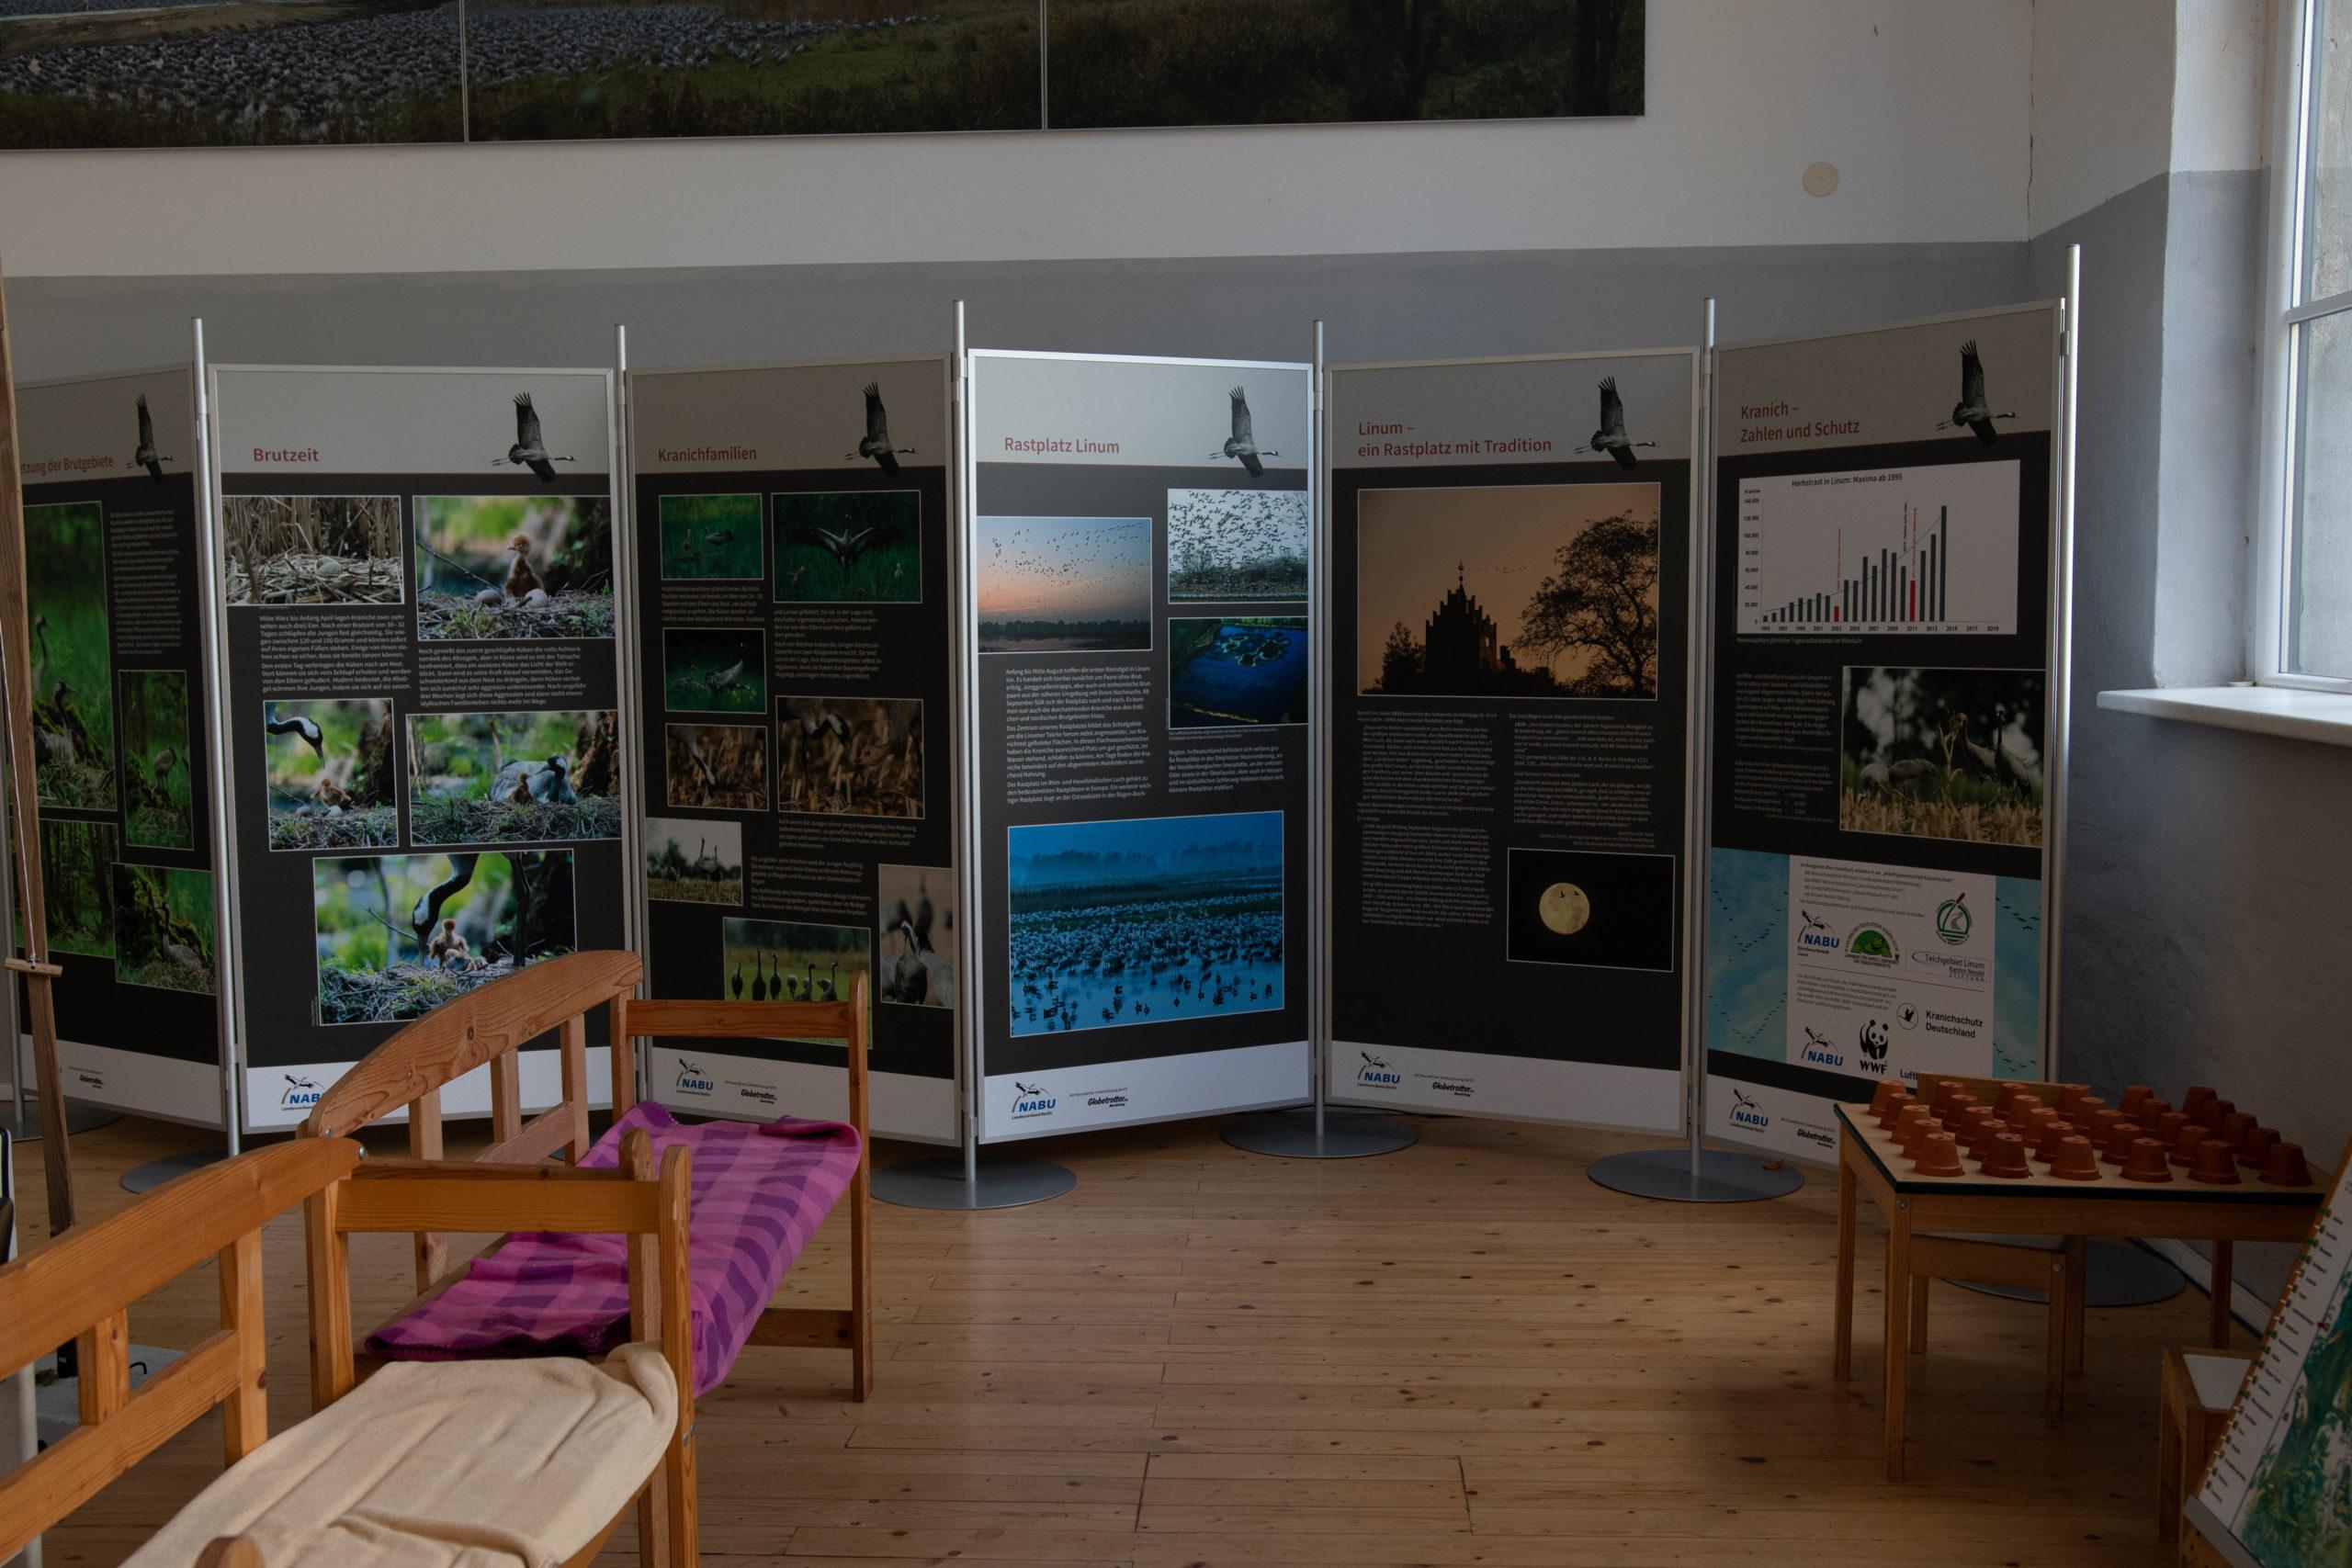 Exhibition about cranes